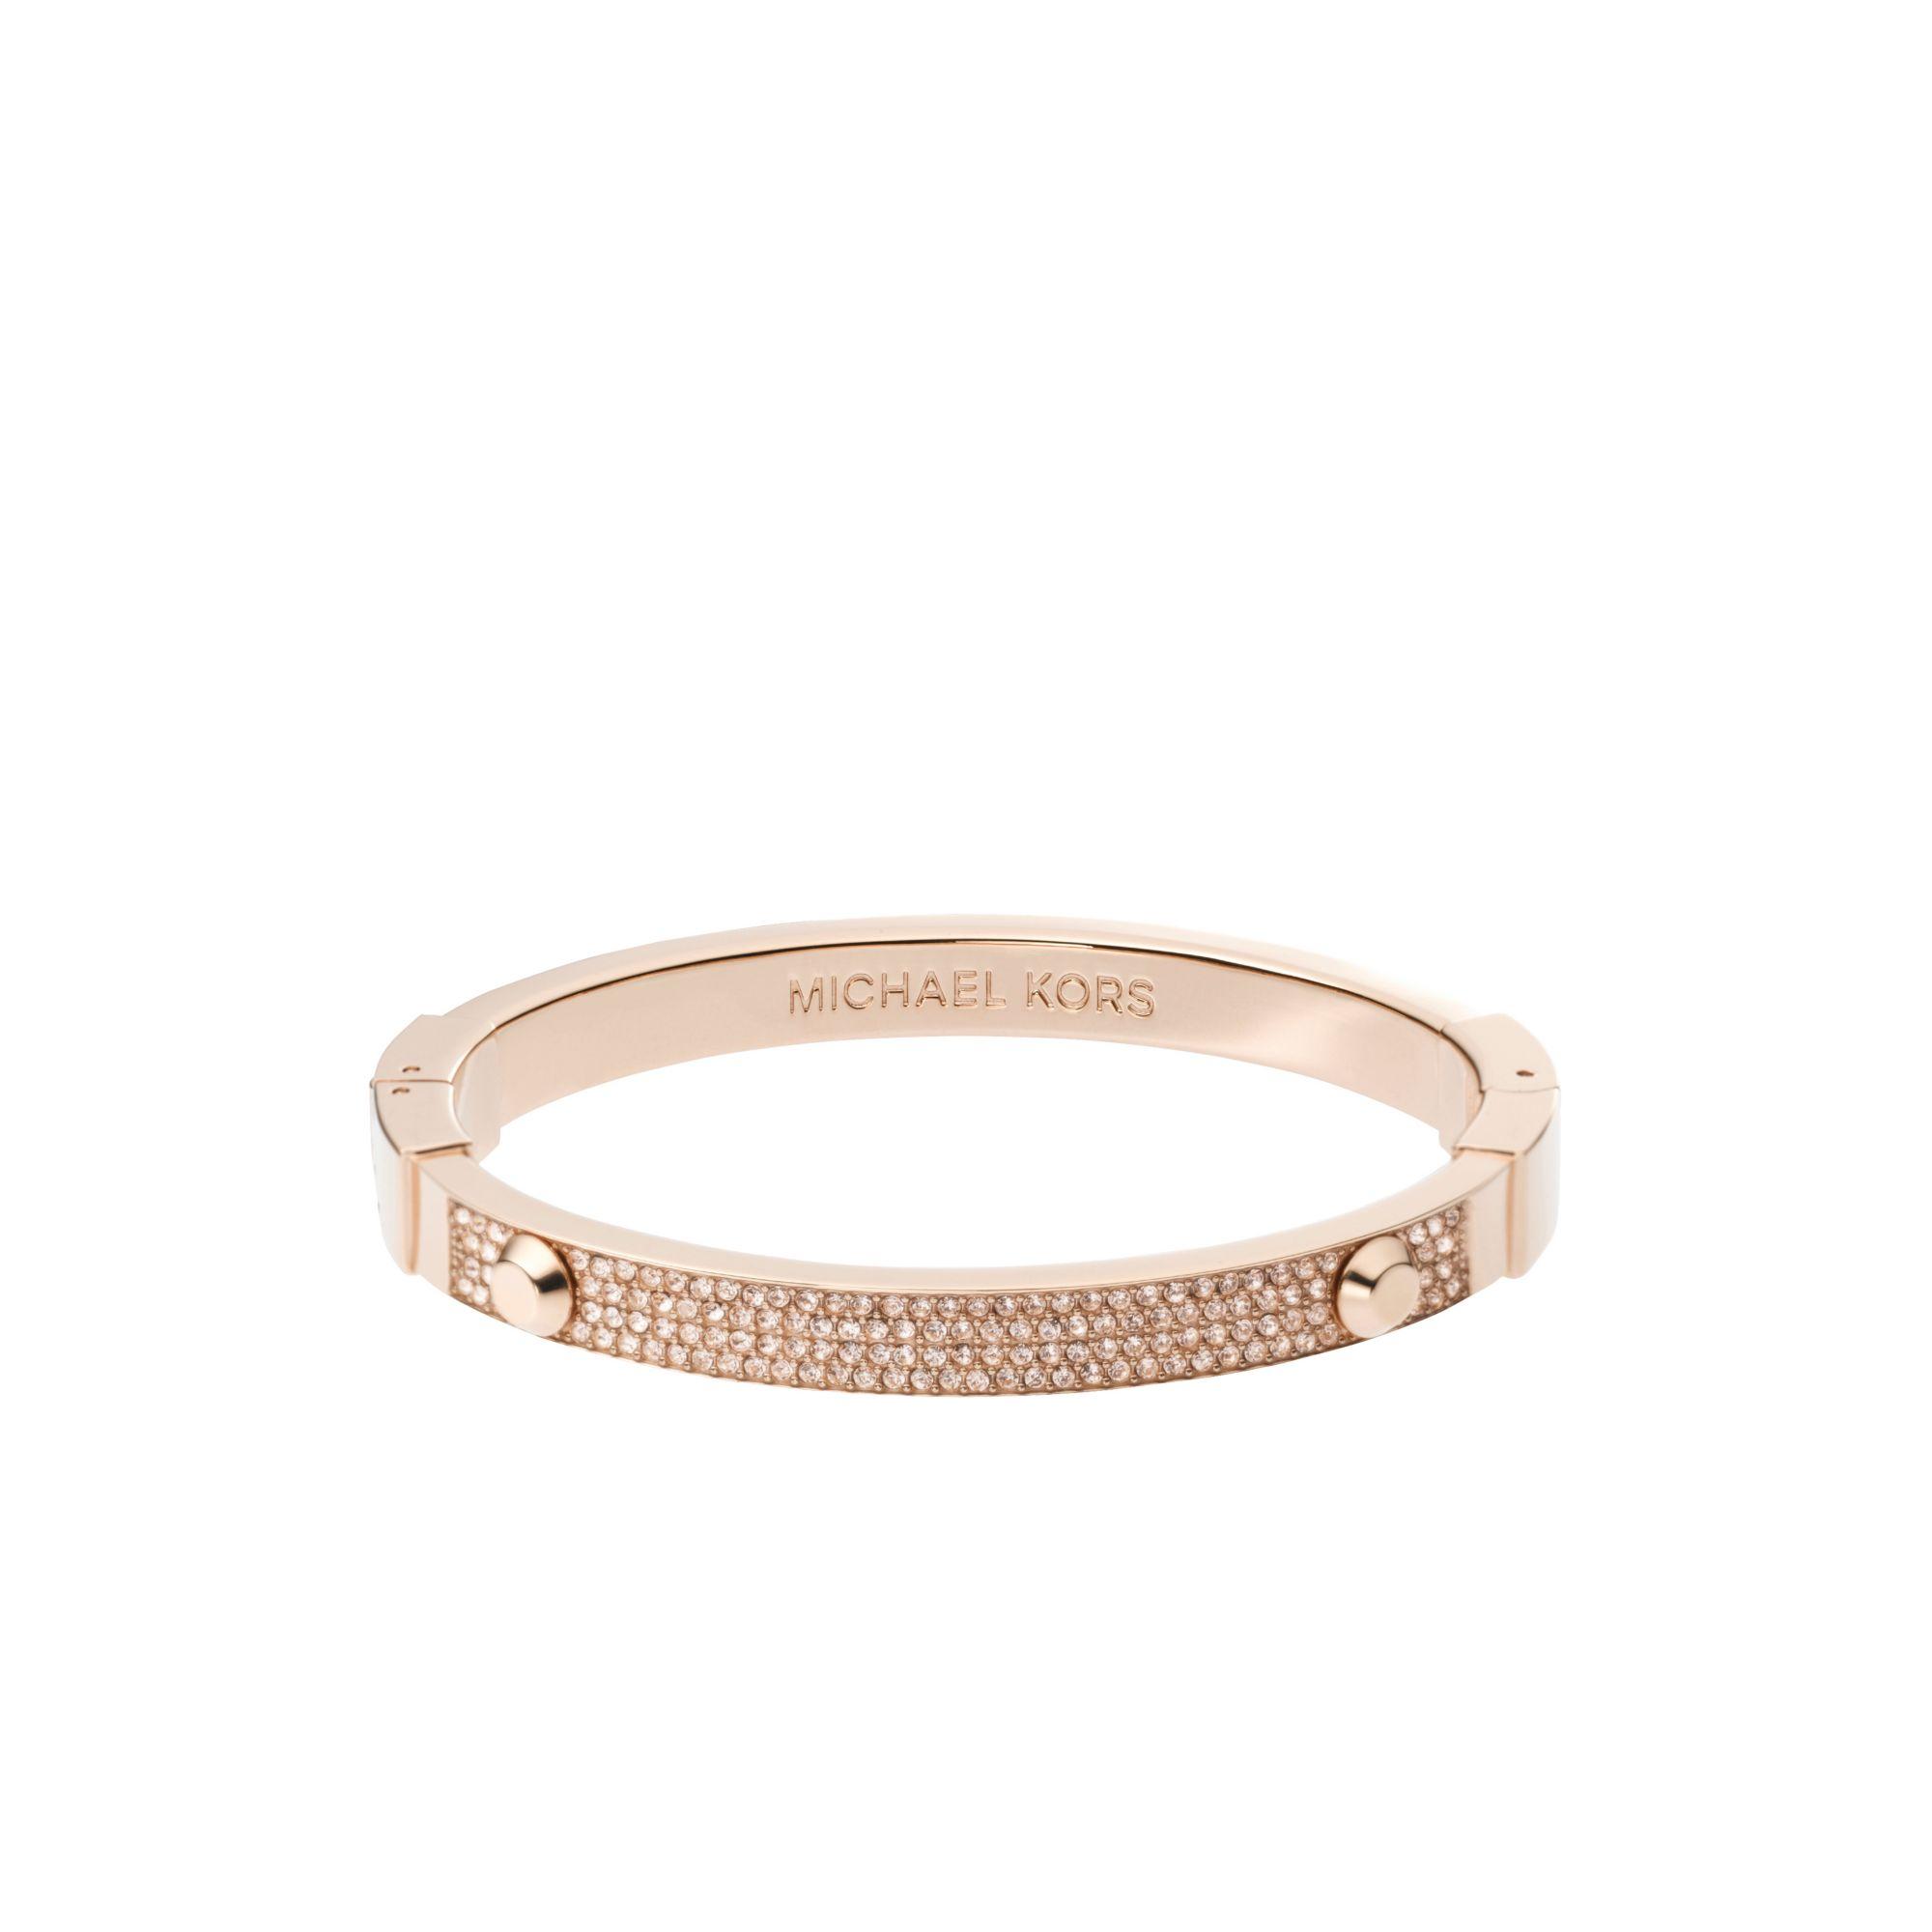 lyst michael kors astor pav rose gold tone bracelet in pink. Black Bedroom Furniture Sets. Home Design Ideas